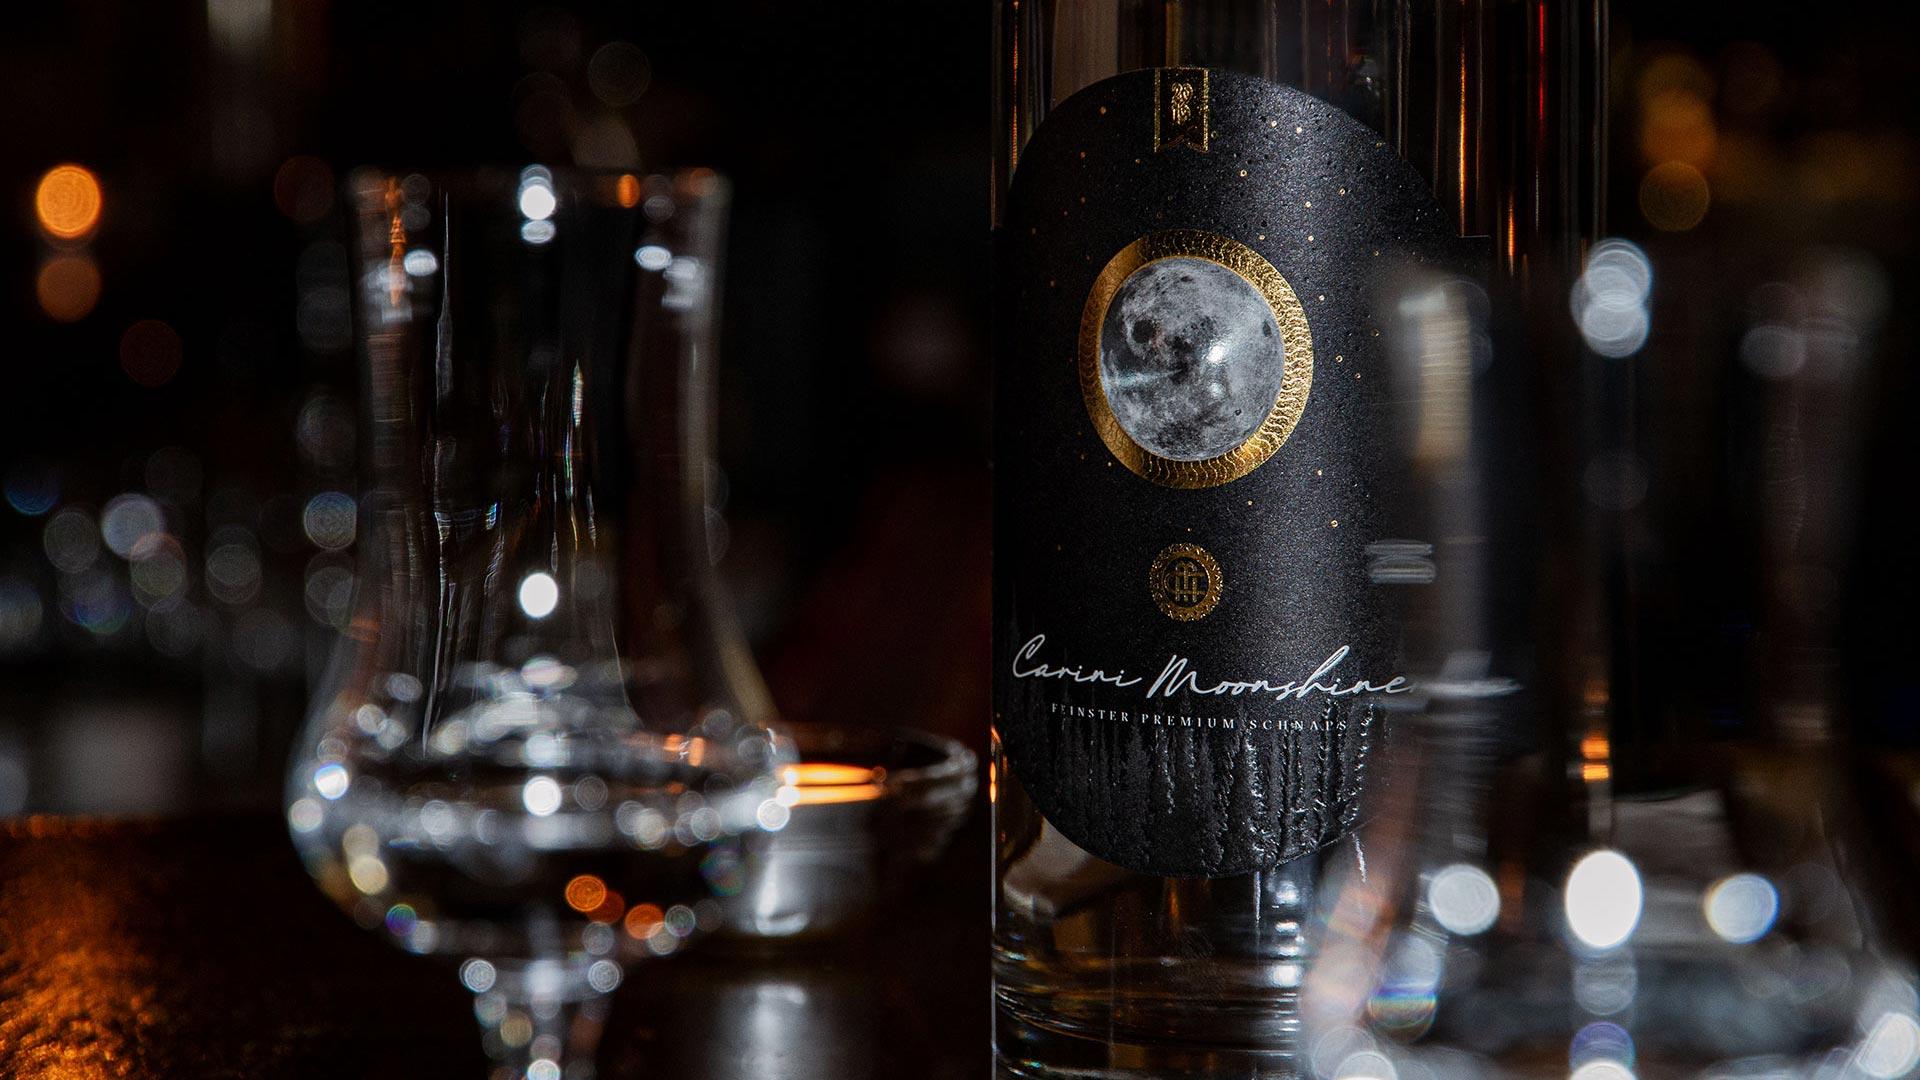 Carini Moonshiner, Bar, Bernhard Hafele, Vincent Hehle, viergestalten